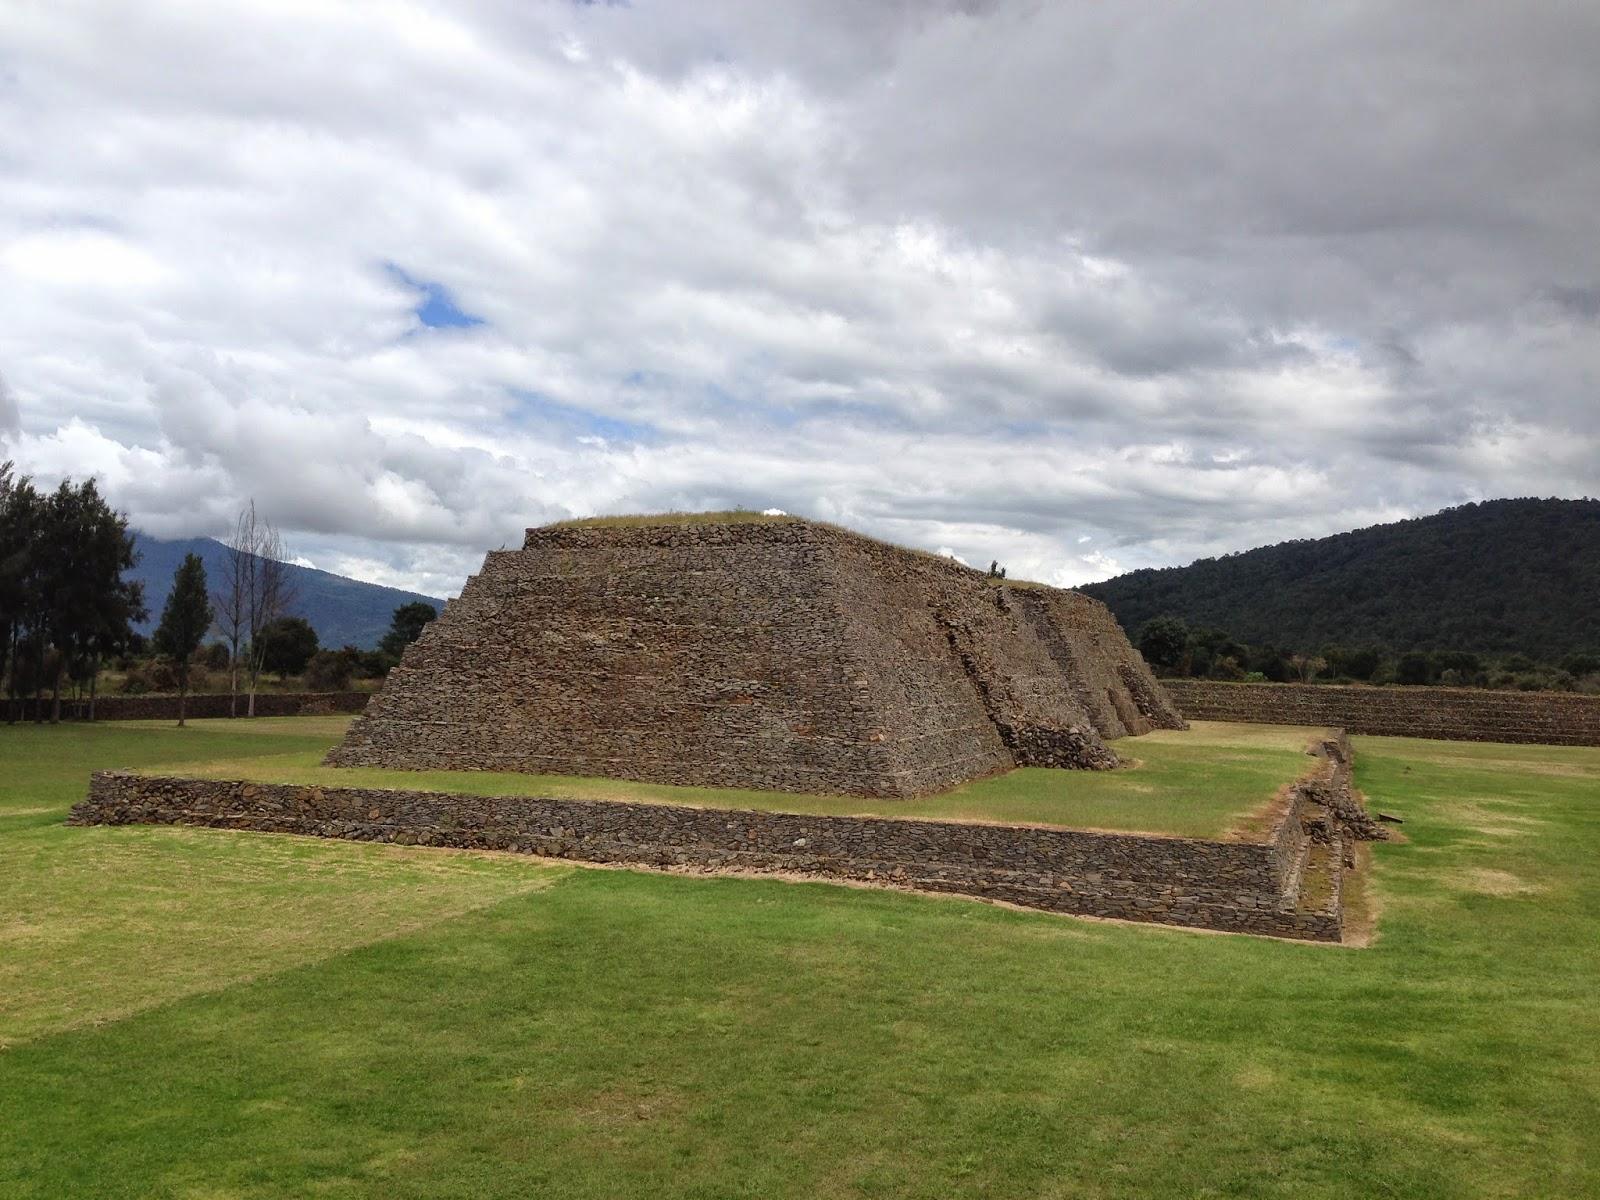 Ihuatzio archeological site